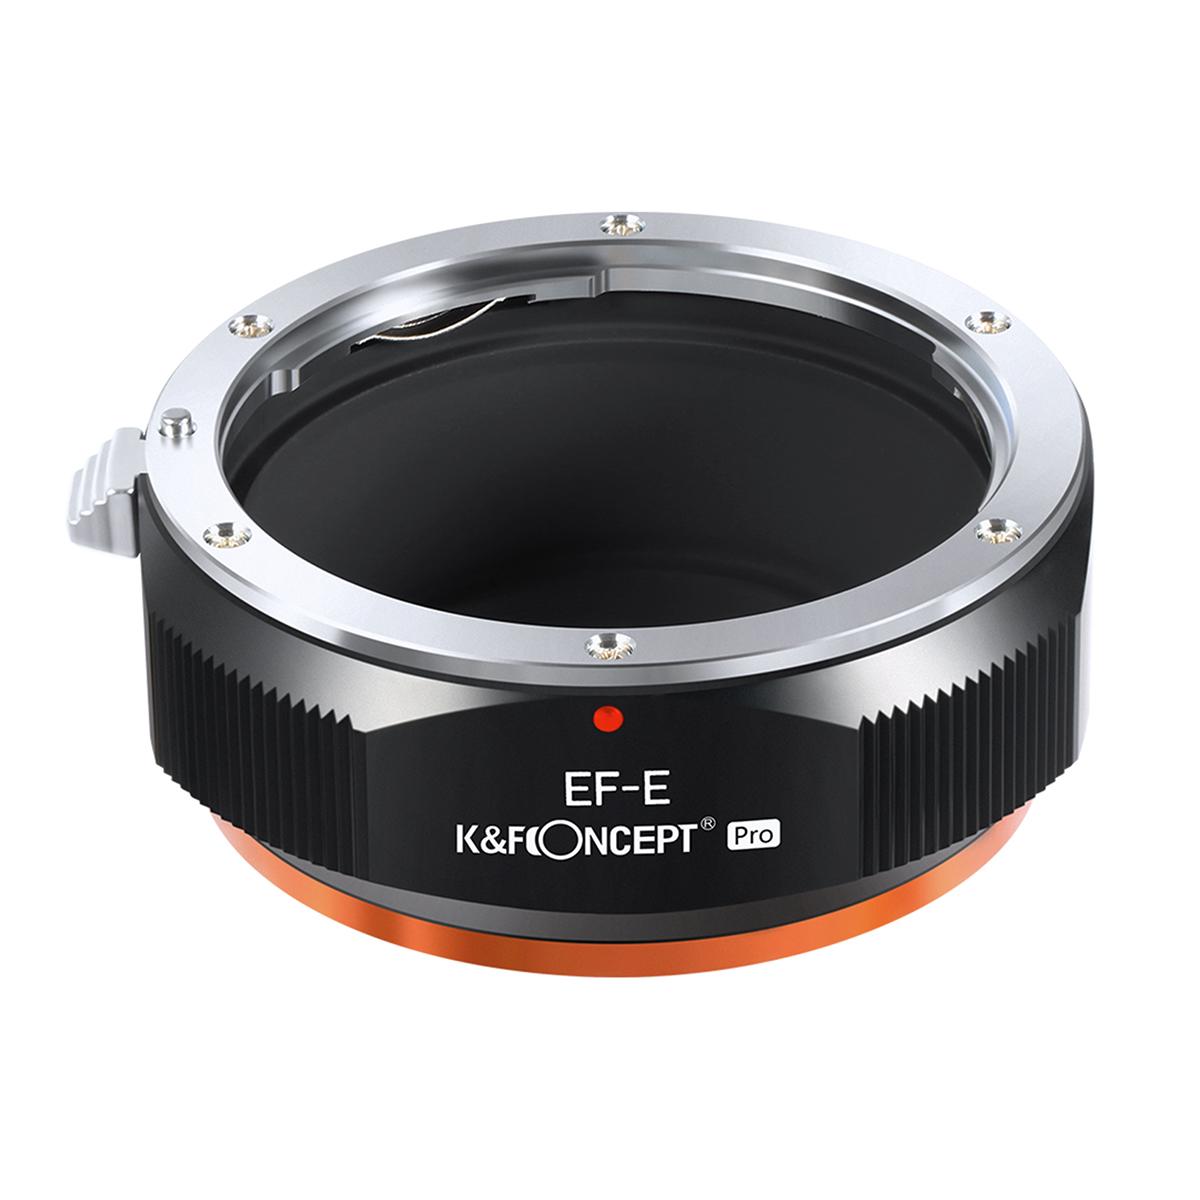 K&F Concept KF-EFE.P (キヤノンEFマウントレンズ → ソニーEマウント変換)